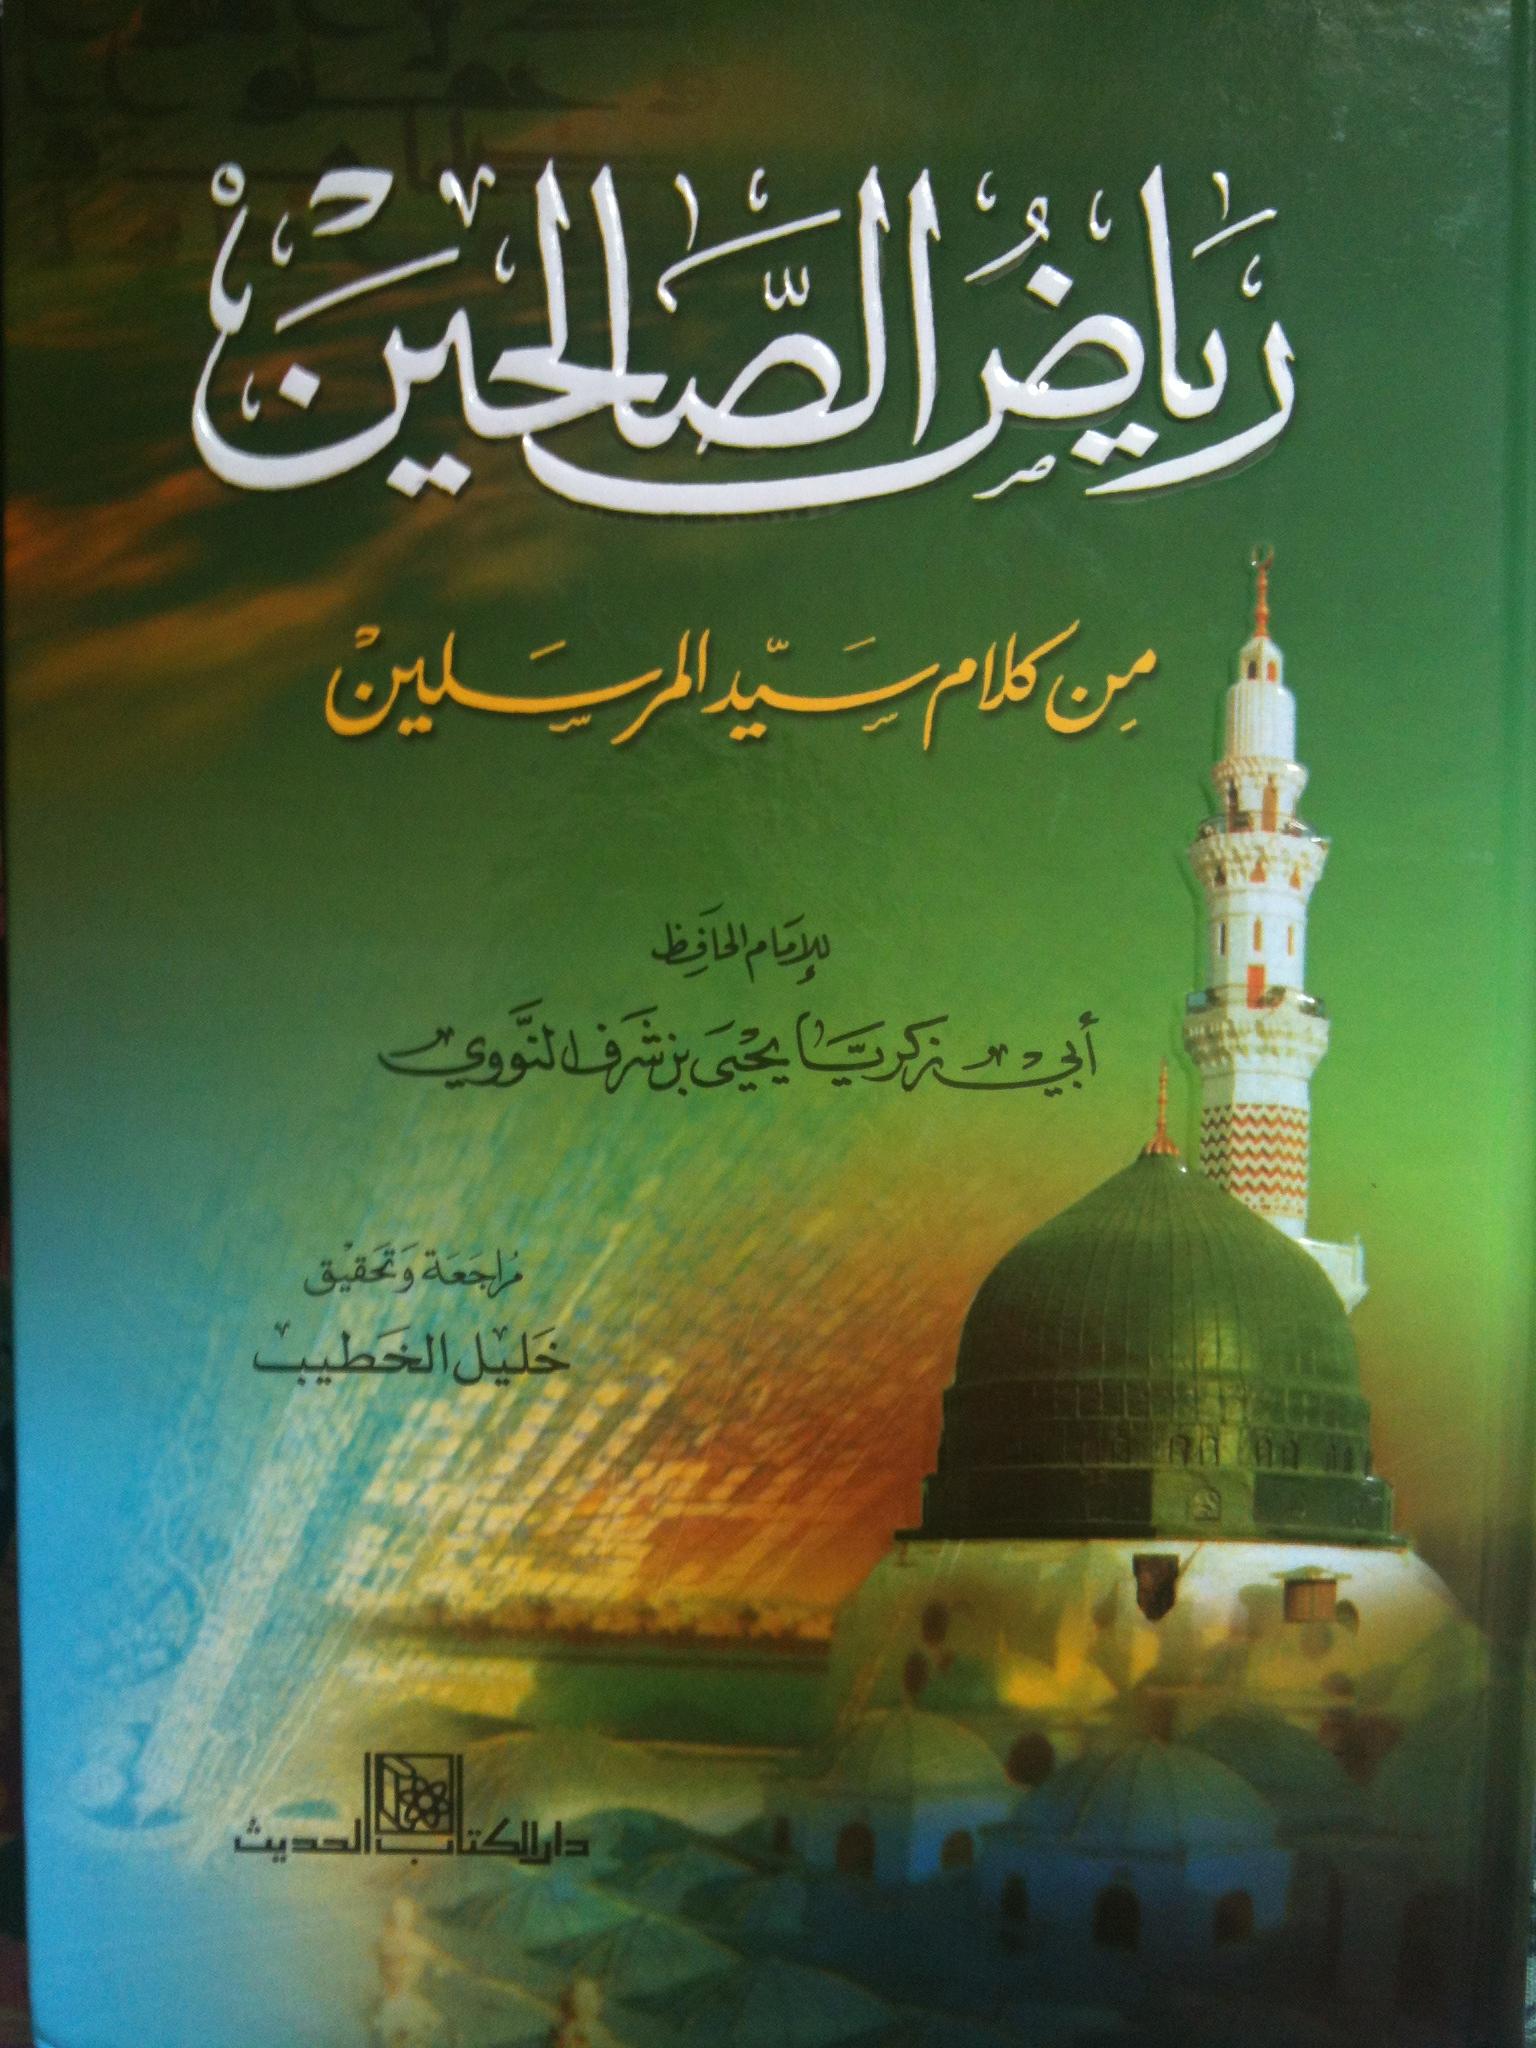 تحميل كتاب رياض الصالحين كامل pdf